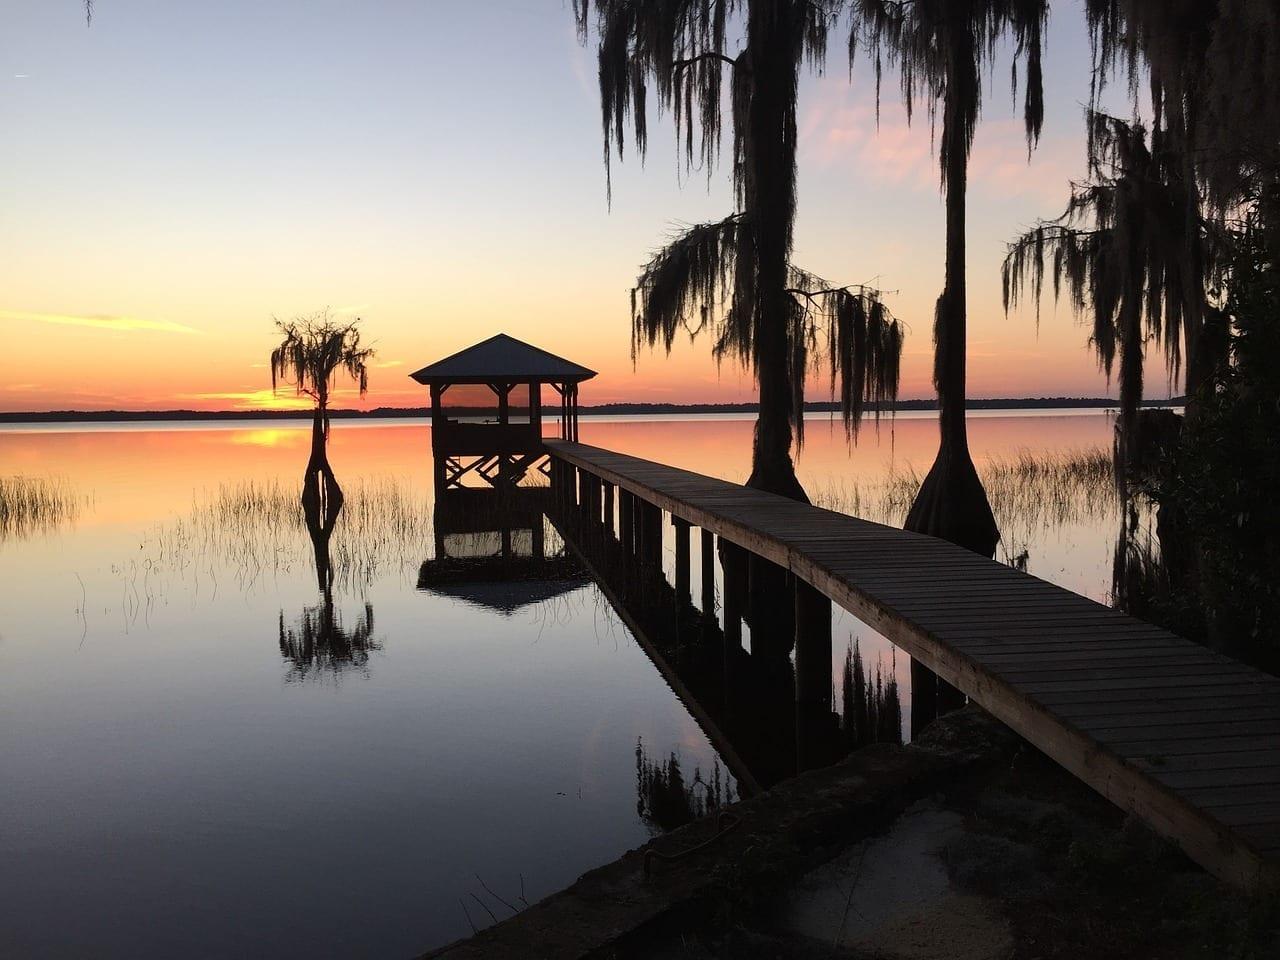 Lago Santa Fe Muelle Puesta De Sol Argentina